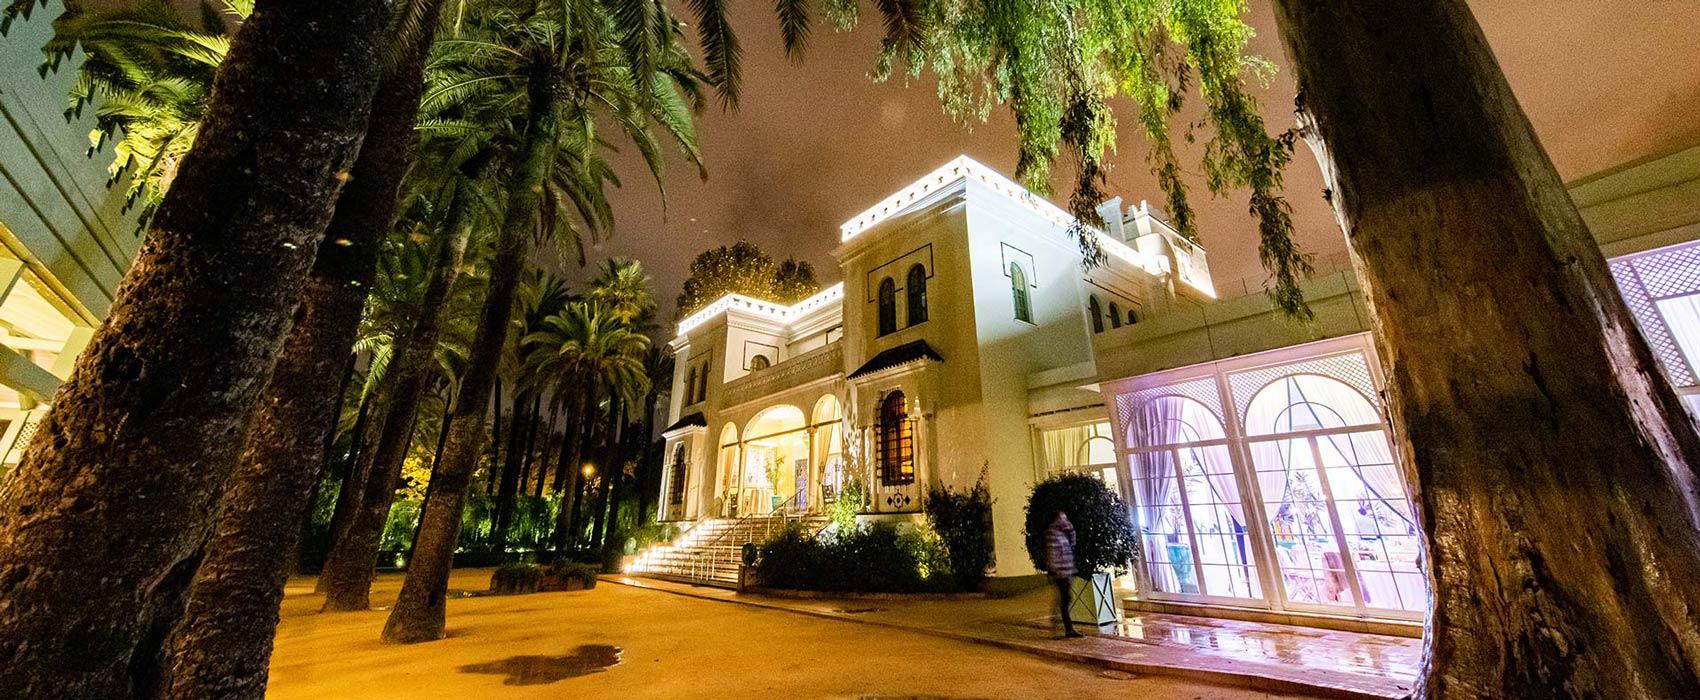 Casa Palacio Villa Luisa - Eventos Guadalquivir catering